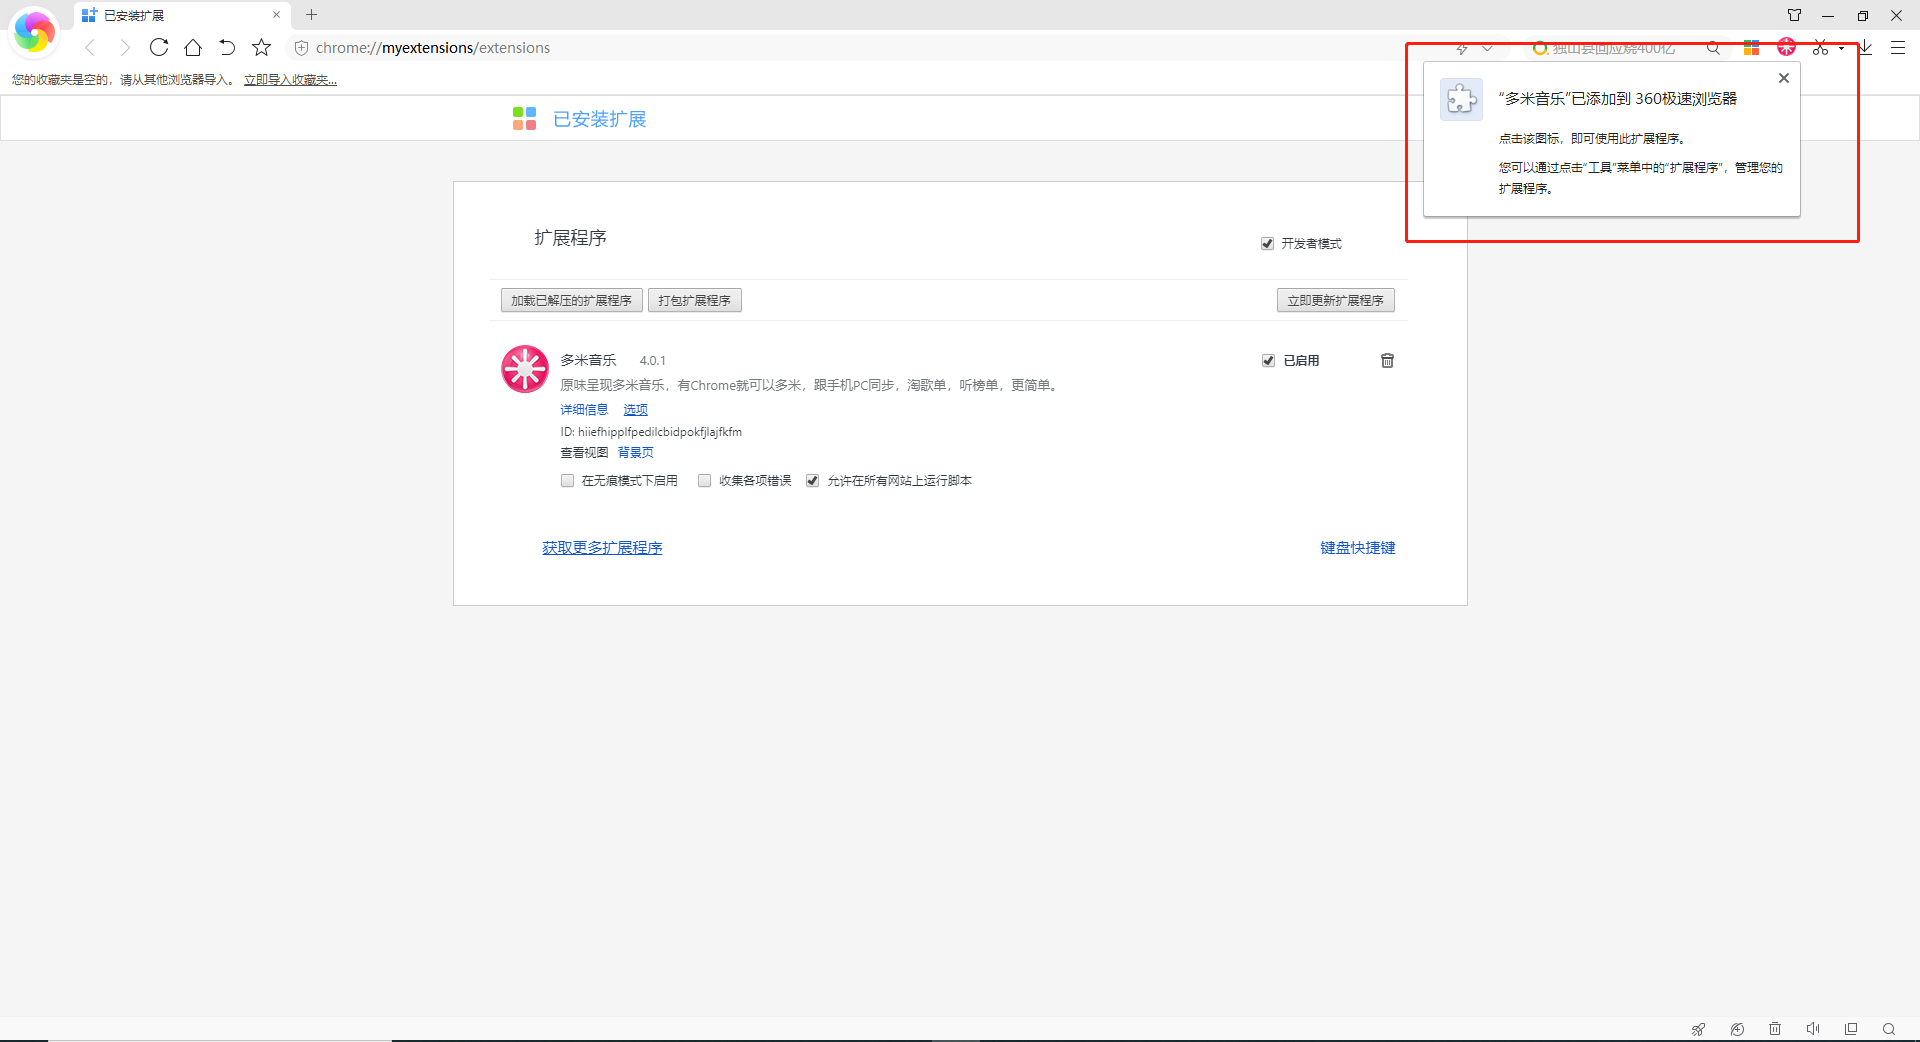 360极速浏览器插件(uc电脑园插件频道资源)安装方法